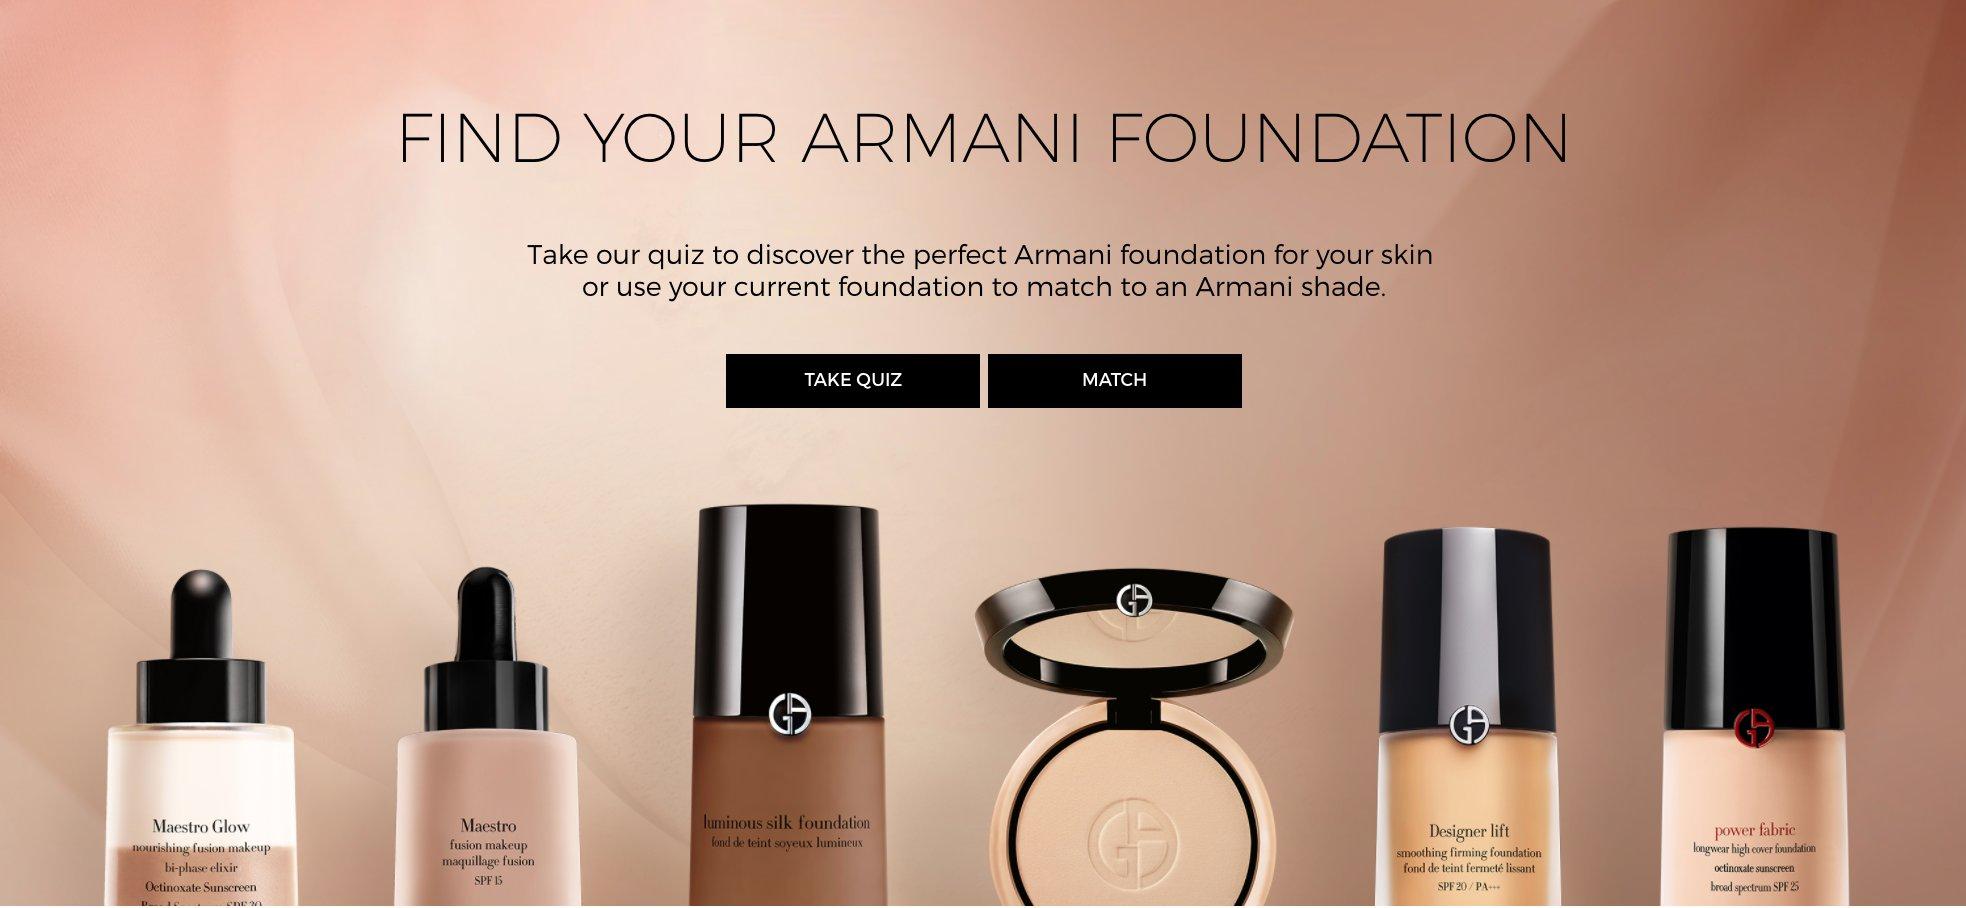 Armani Foundation Quiz Off 74 Www